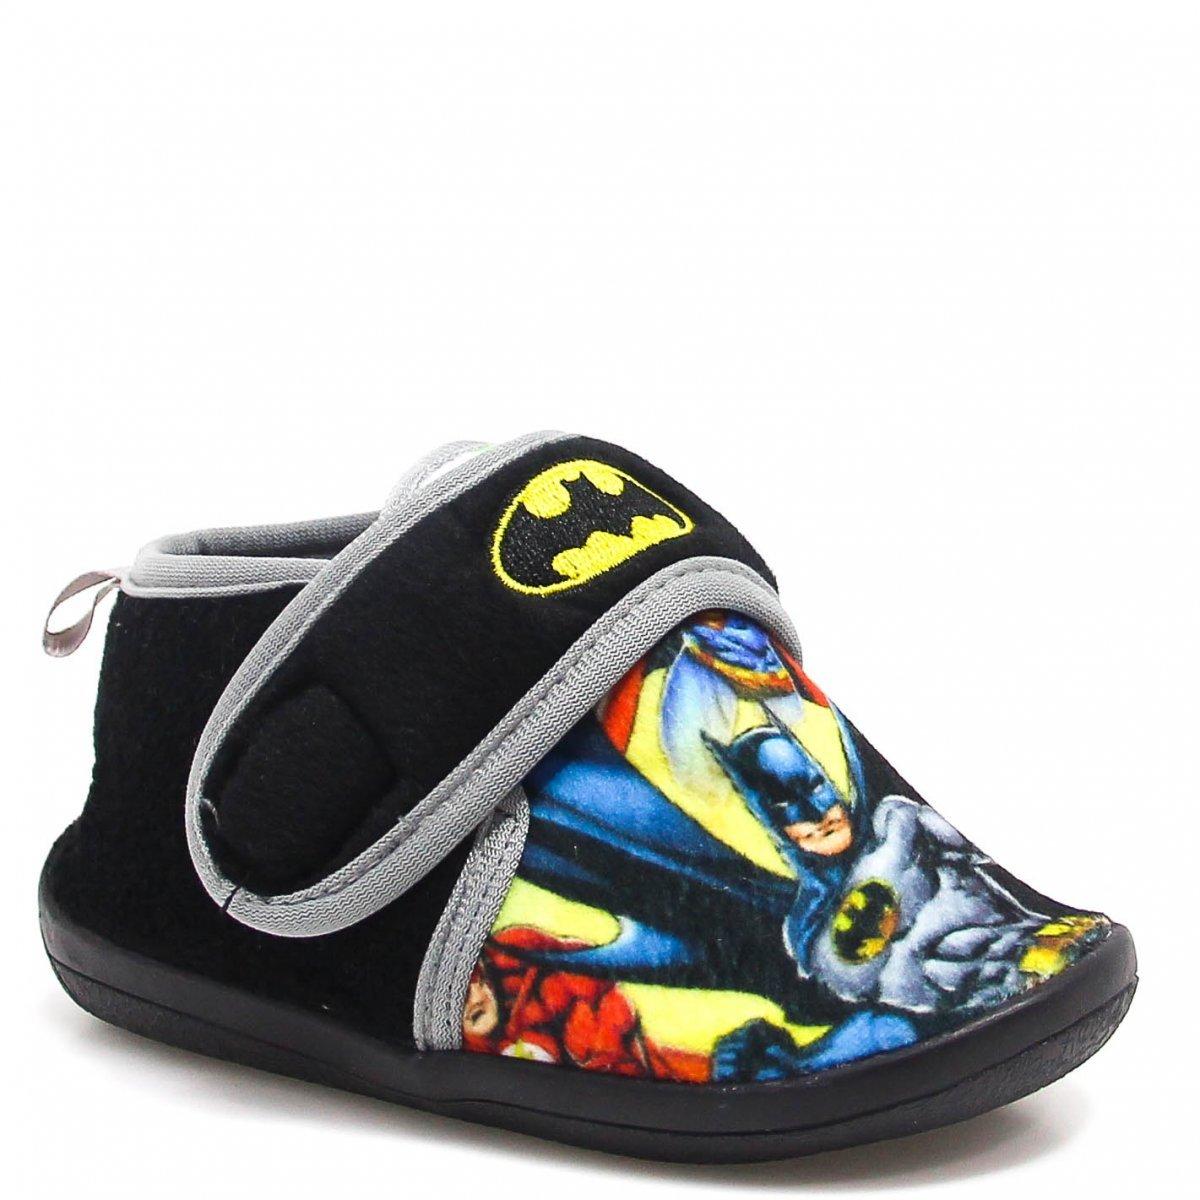 a7b56c85164855 Pantufa Ricsen Infantil Liga da Justiça Batman